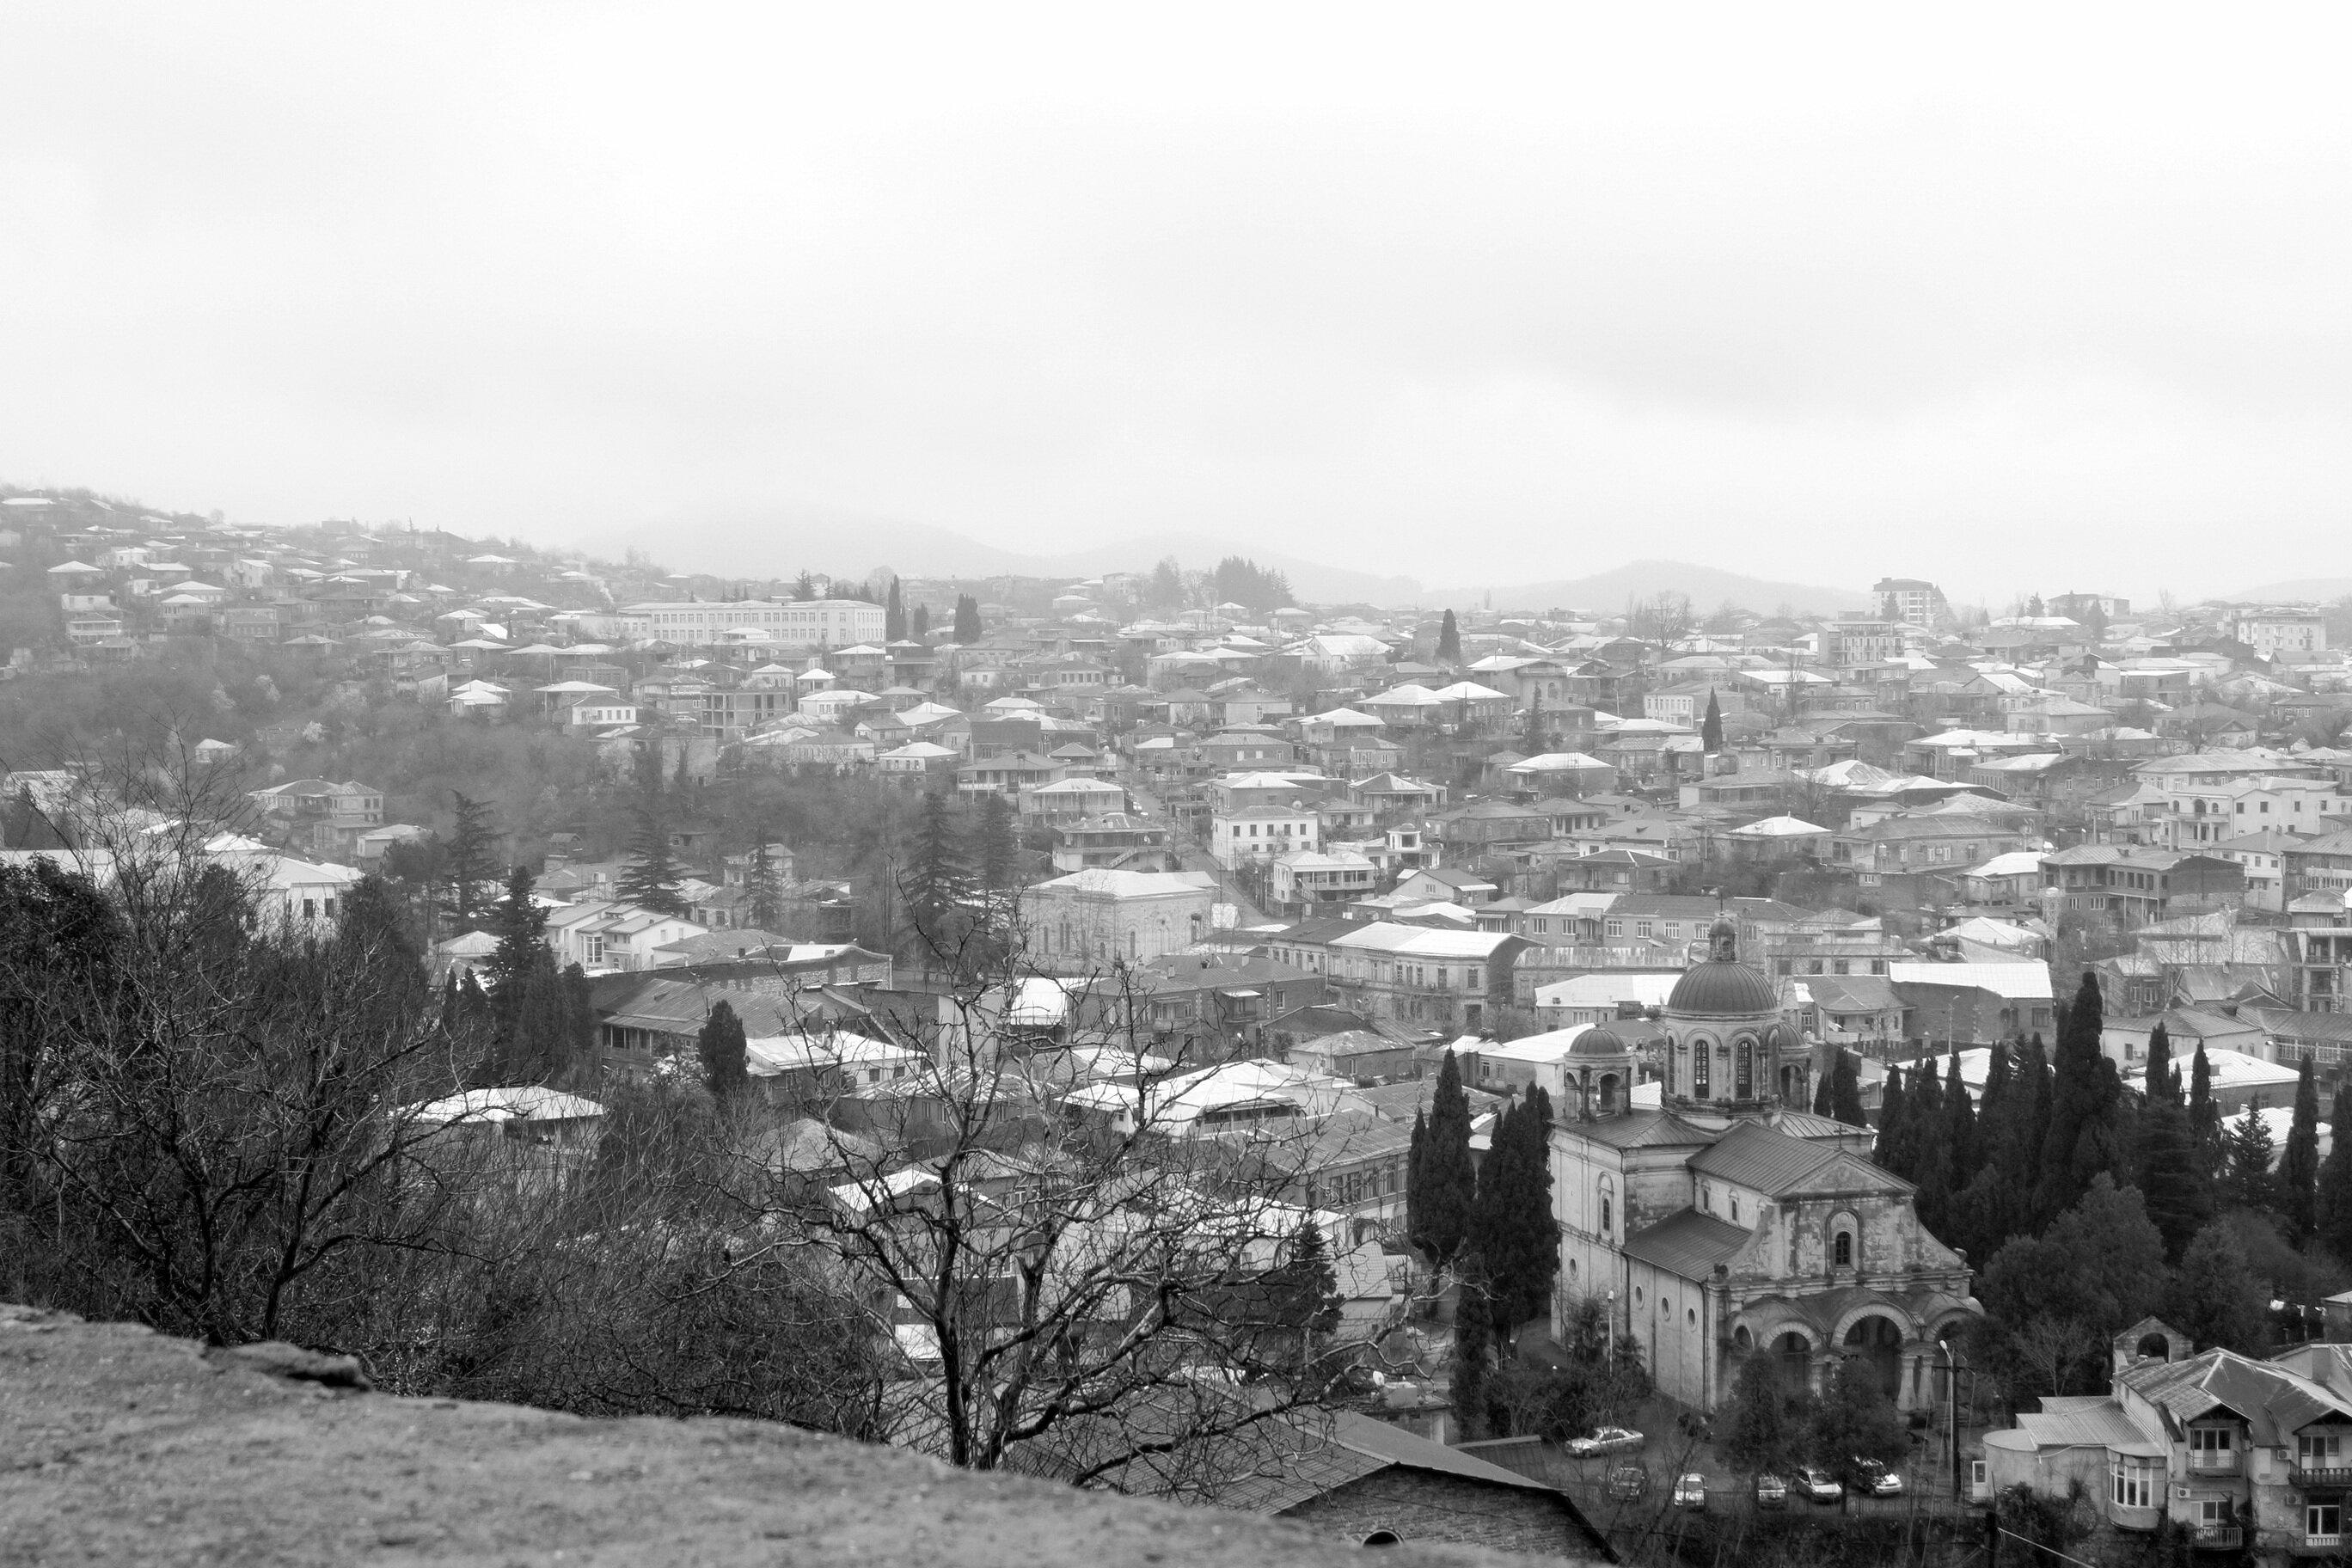 Путевые февральские заметки. Черно-белый Кутаиси